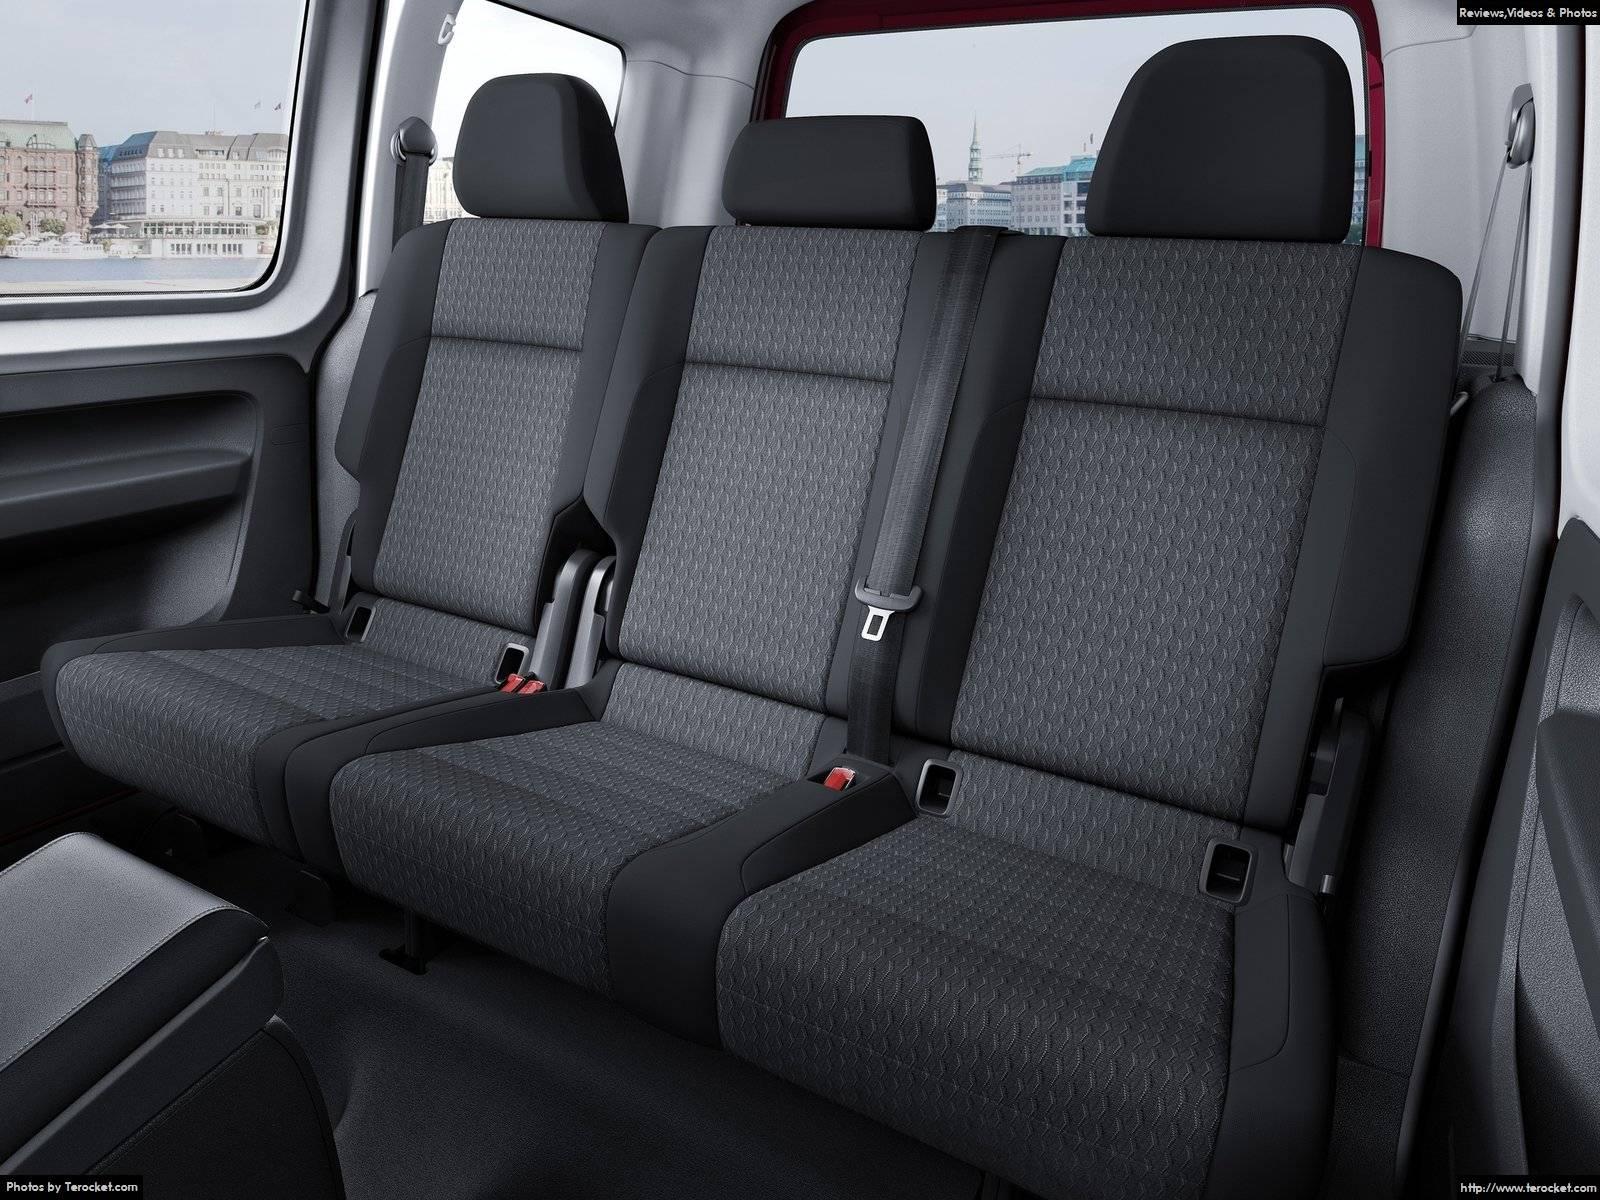 Hình ảnh xe ô tô Volkswagen Caddy 2016 & nội ngoại thất